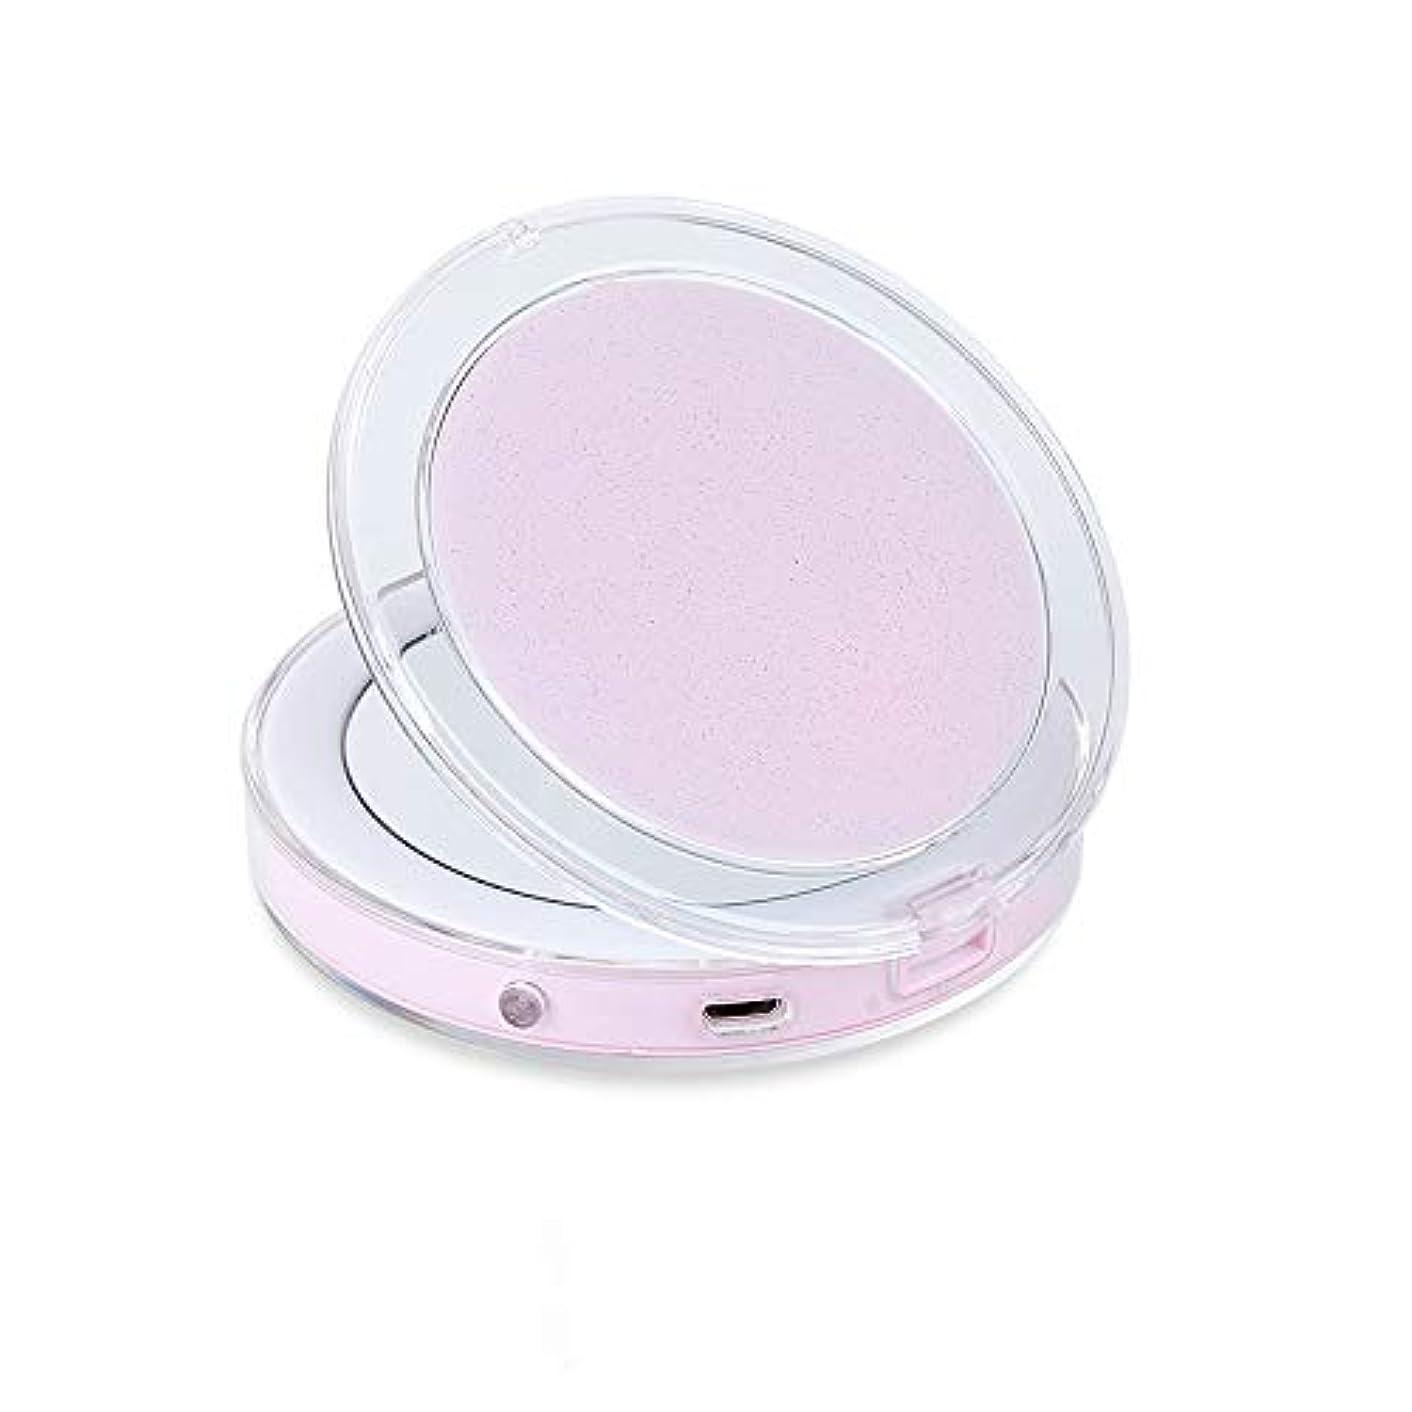 ポケット反射鏡照明付きの旅行装飾ミラータッチスイッチ装飾鏡 3 倍ルーペの手持ち式折り畳み式コンパクトミラー LED ランプ